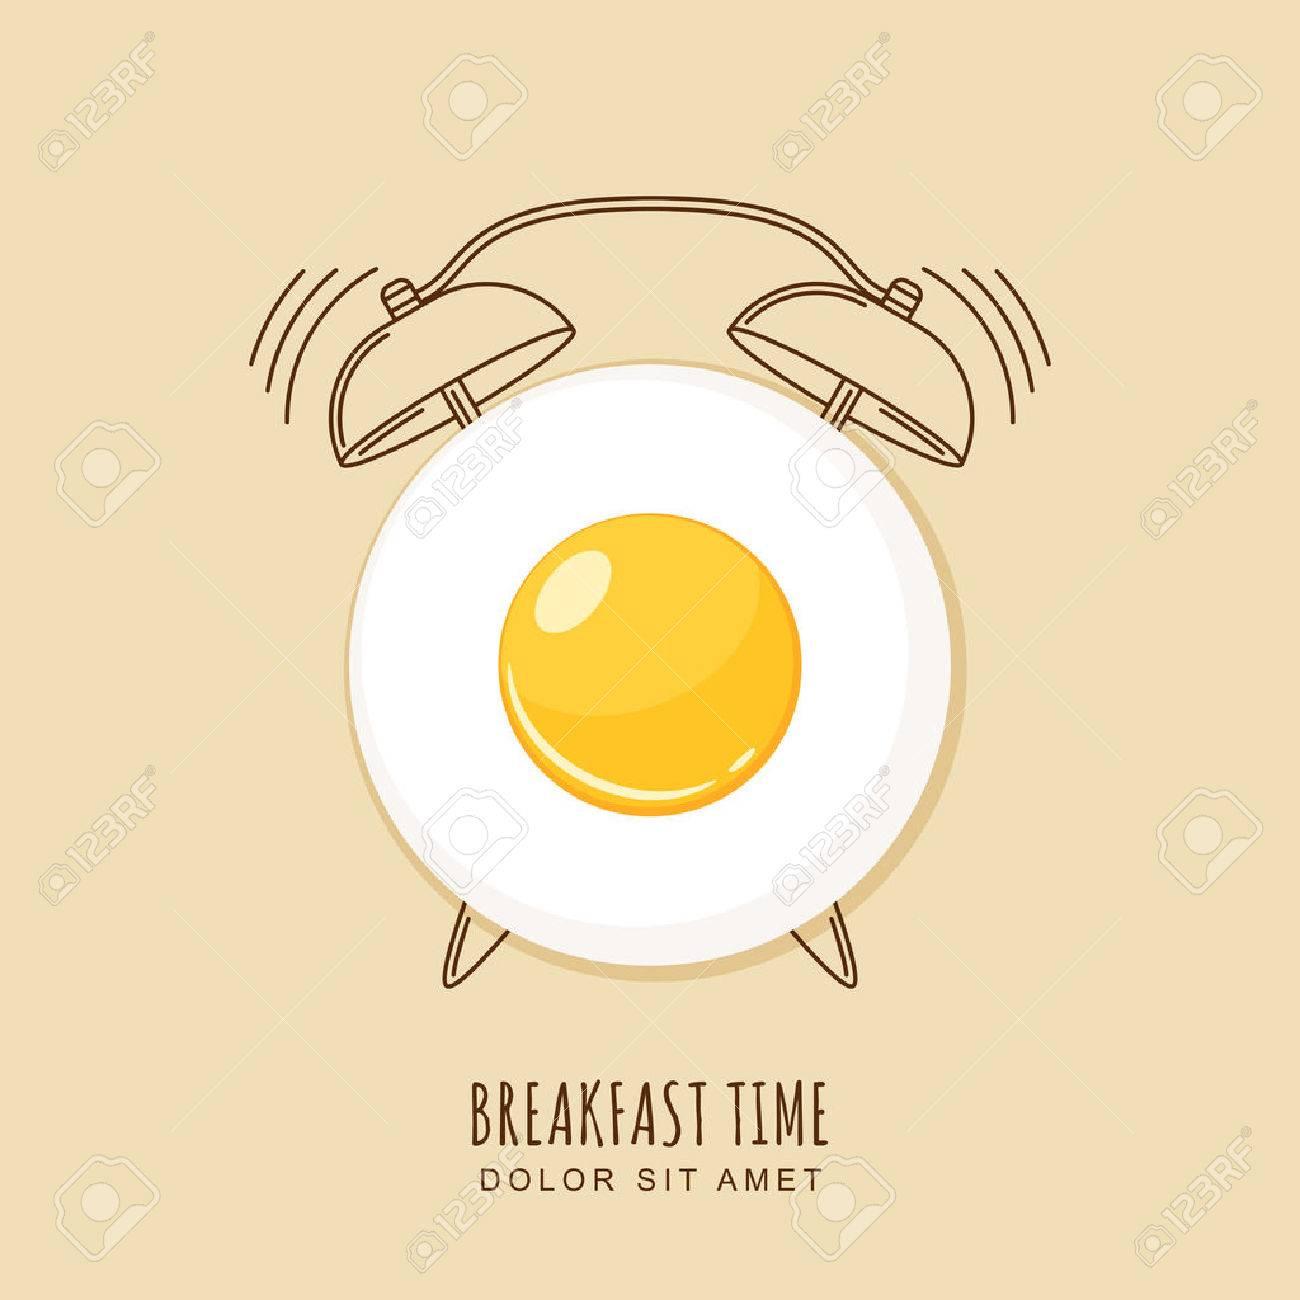 Fried egg and outline alarm clock, illustration of breakfast. Concept for breakfast menu, cafe, restaurant. design template. Food background. - 51644060